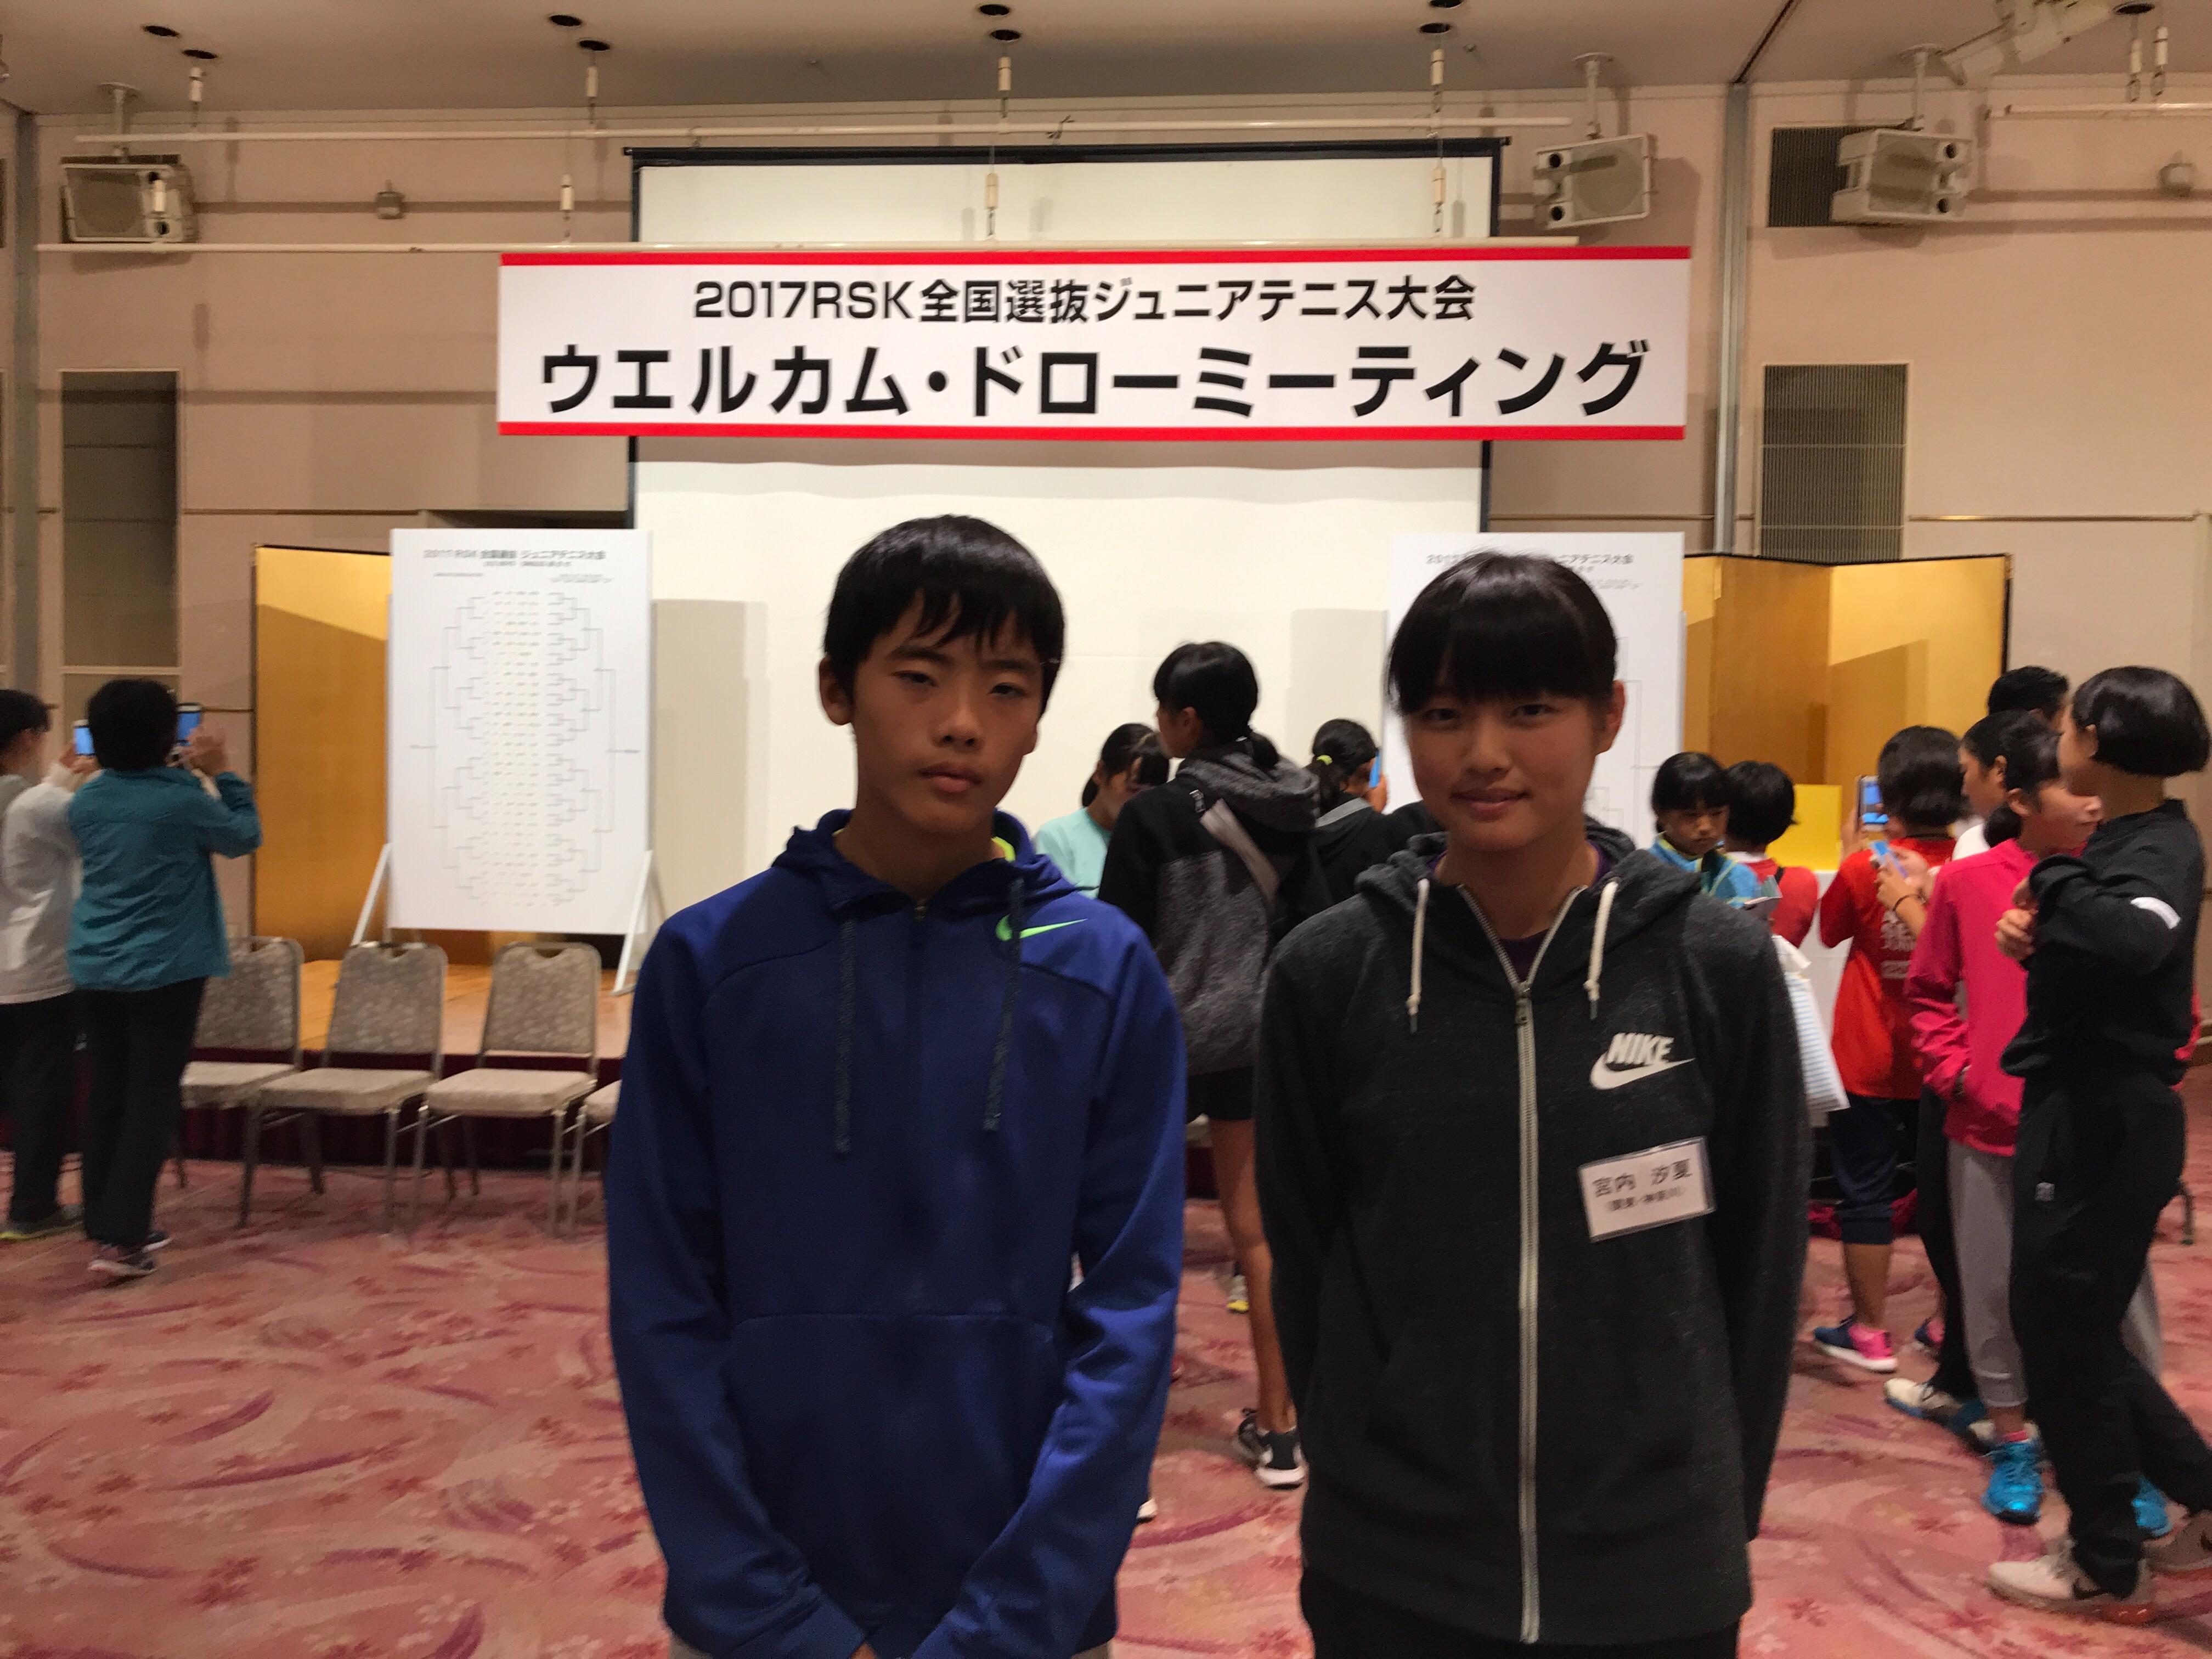 f:id:mizohatayuya:20171016112125j:image